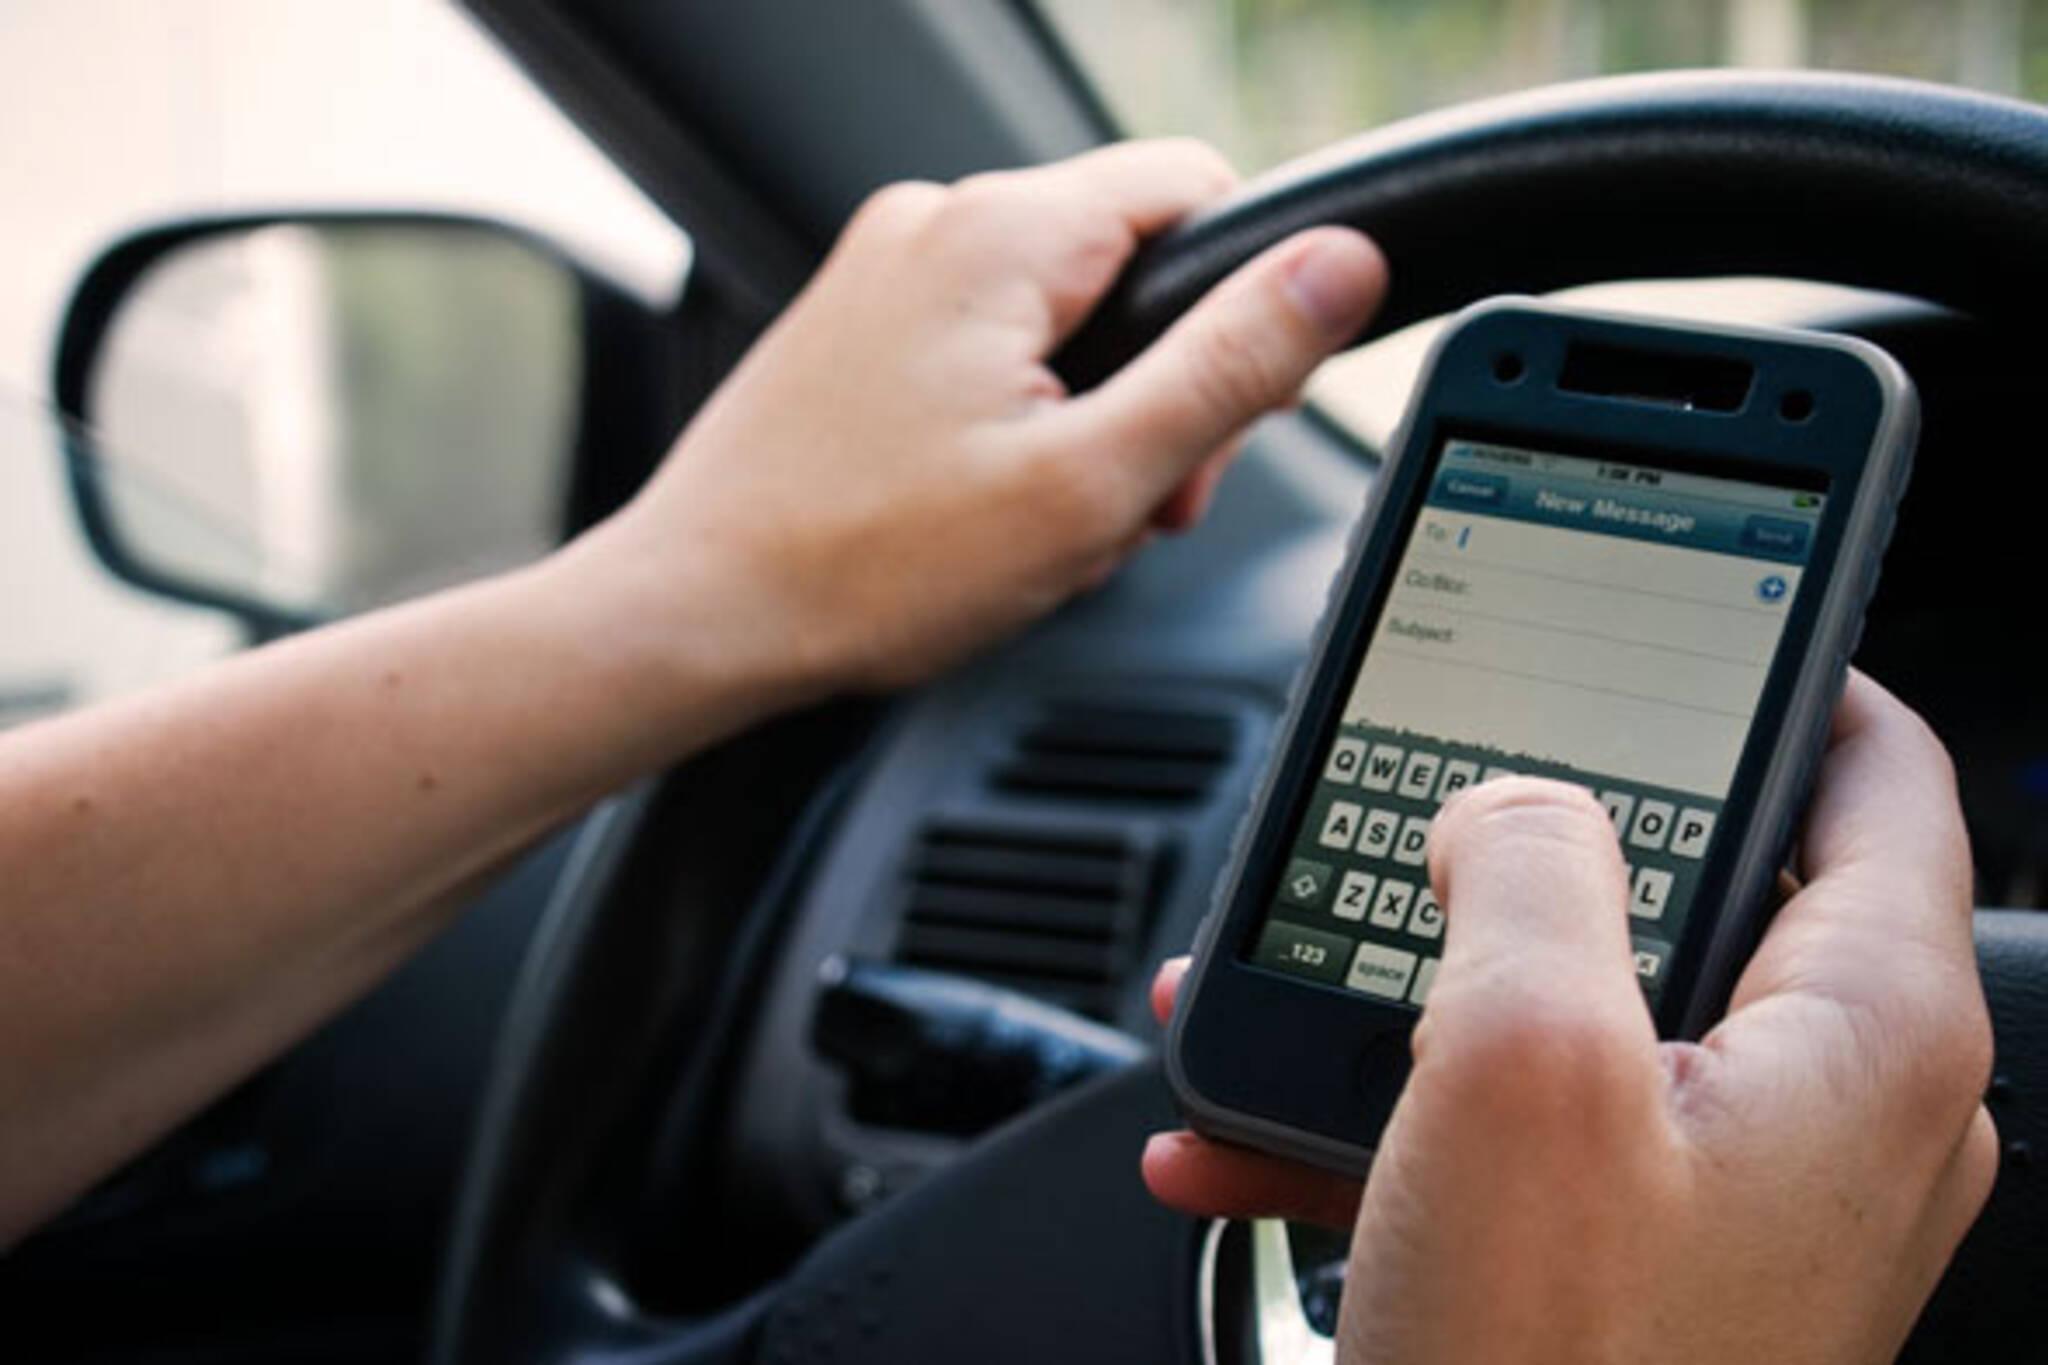 mobile device ban ontario